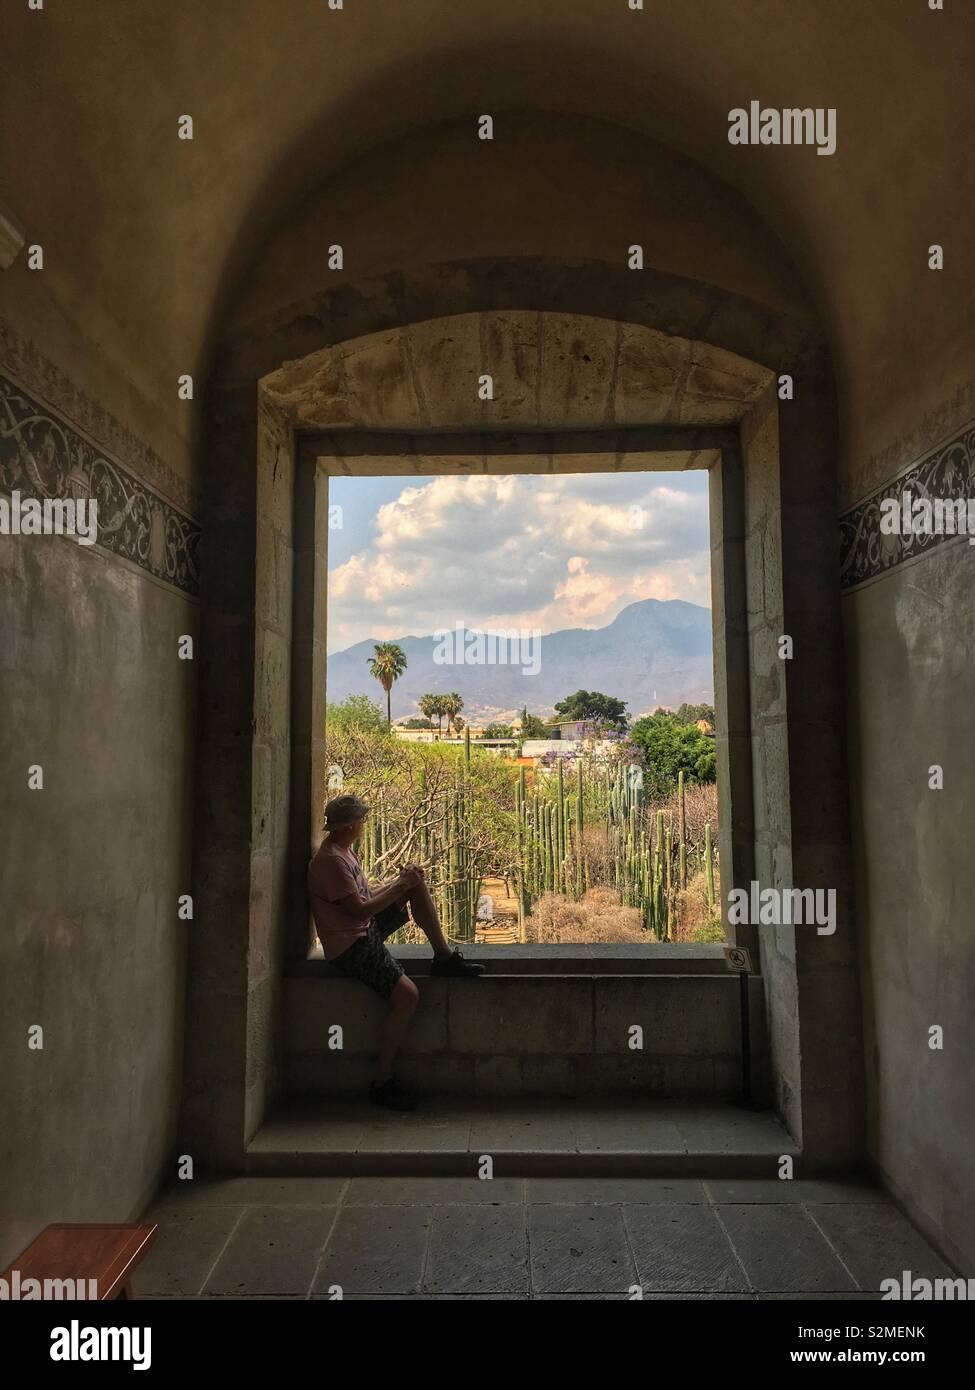 Uomo appoggiato nella finestra che si affaccia sul giardino del Museo delle Culture di Oaxaca, Santo Domingo, città di Oaxaca, Oaxaca, Messico Immagini Stock